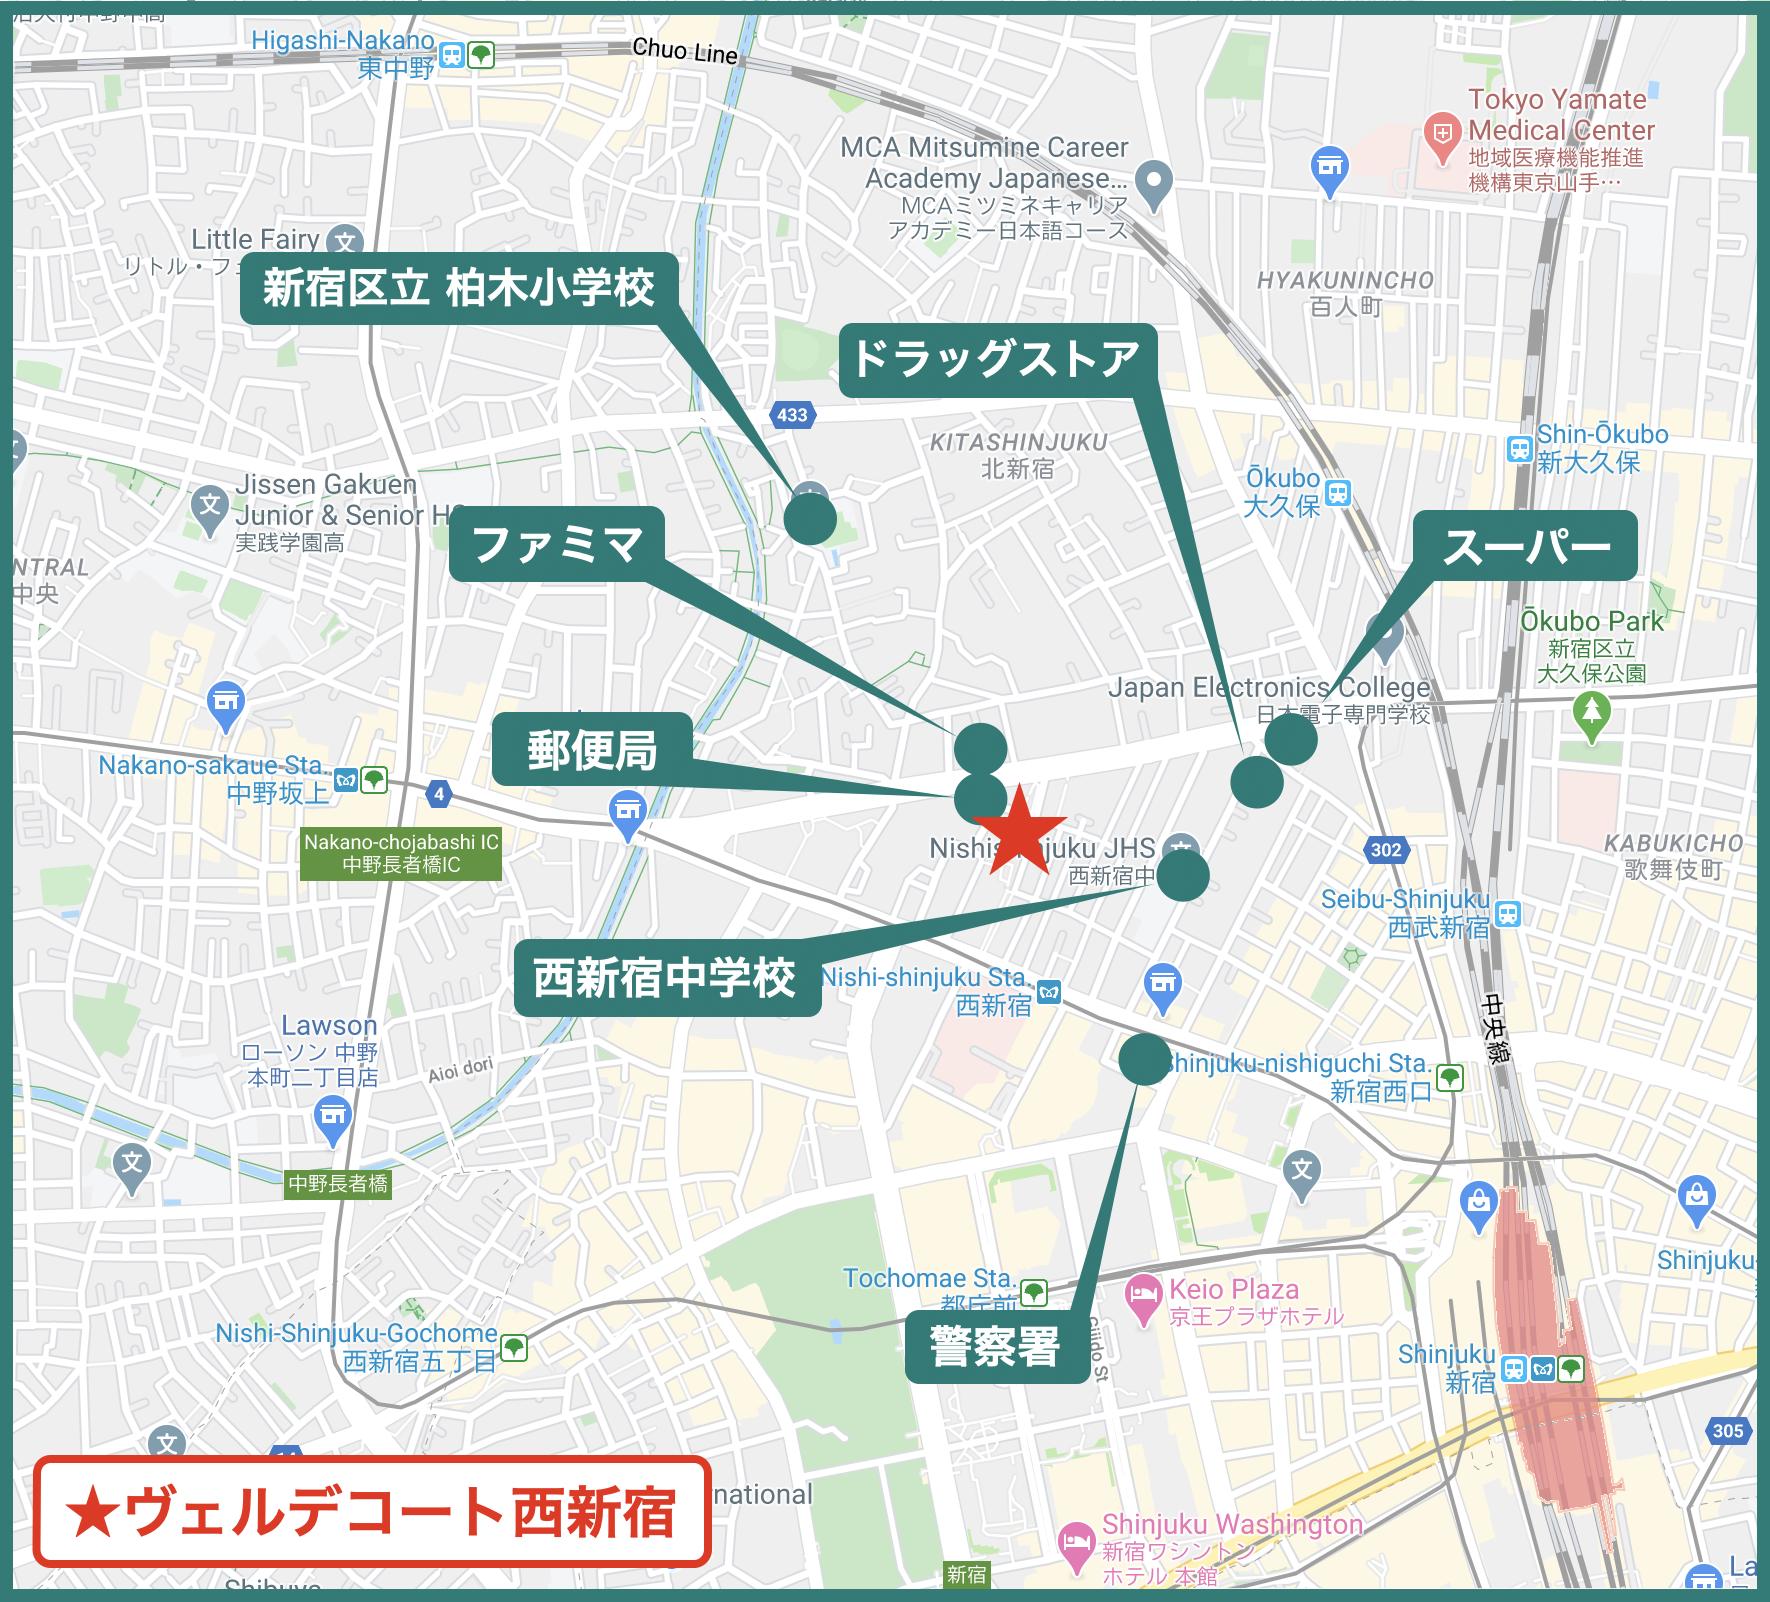 ヴェルデコート西新宿の周辺施設